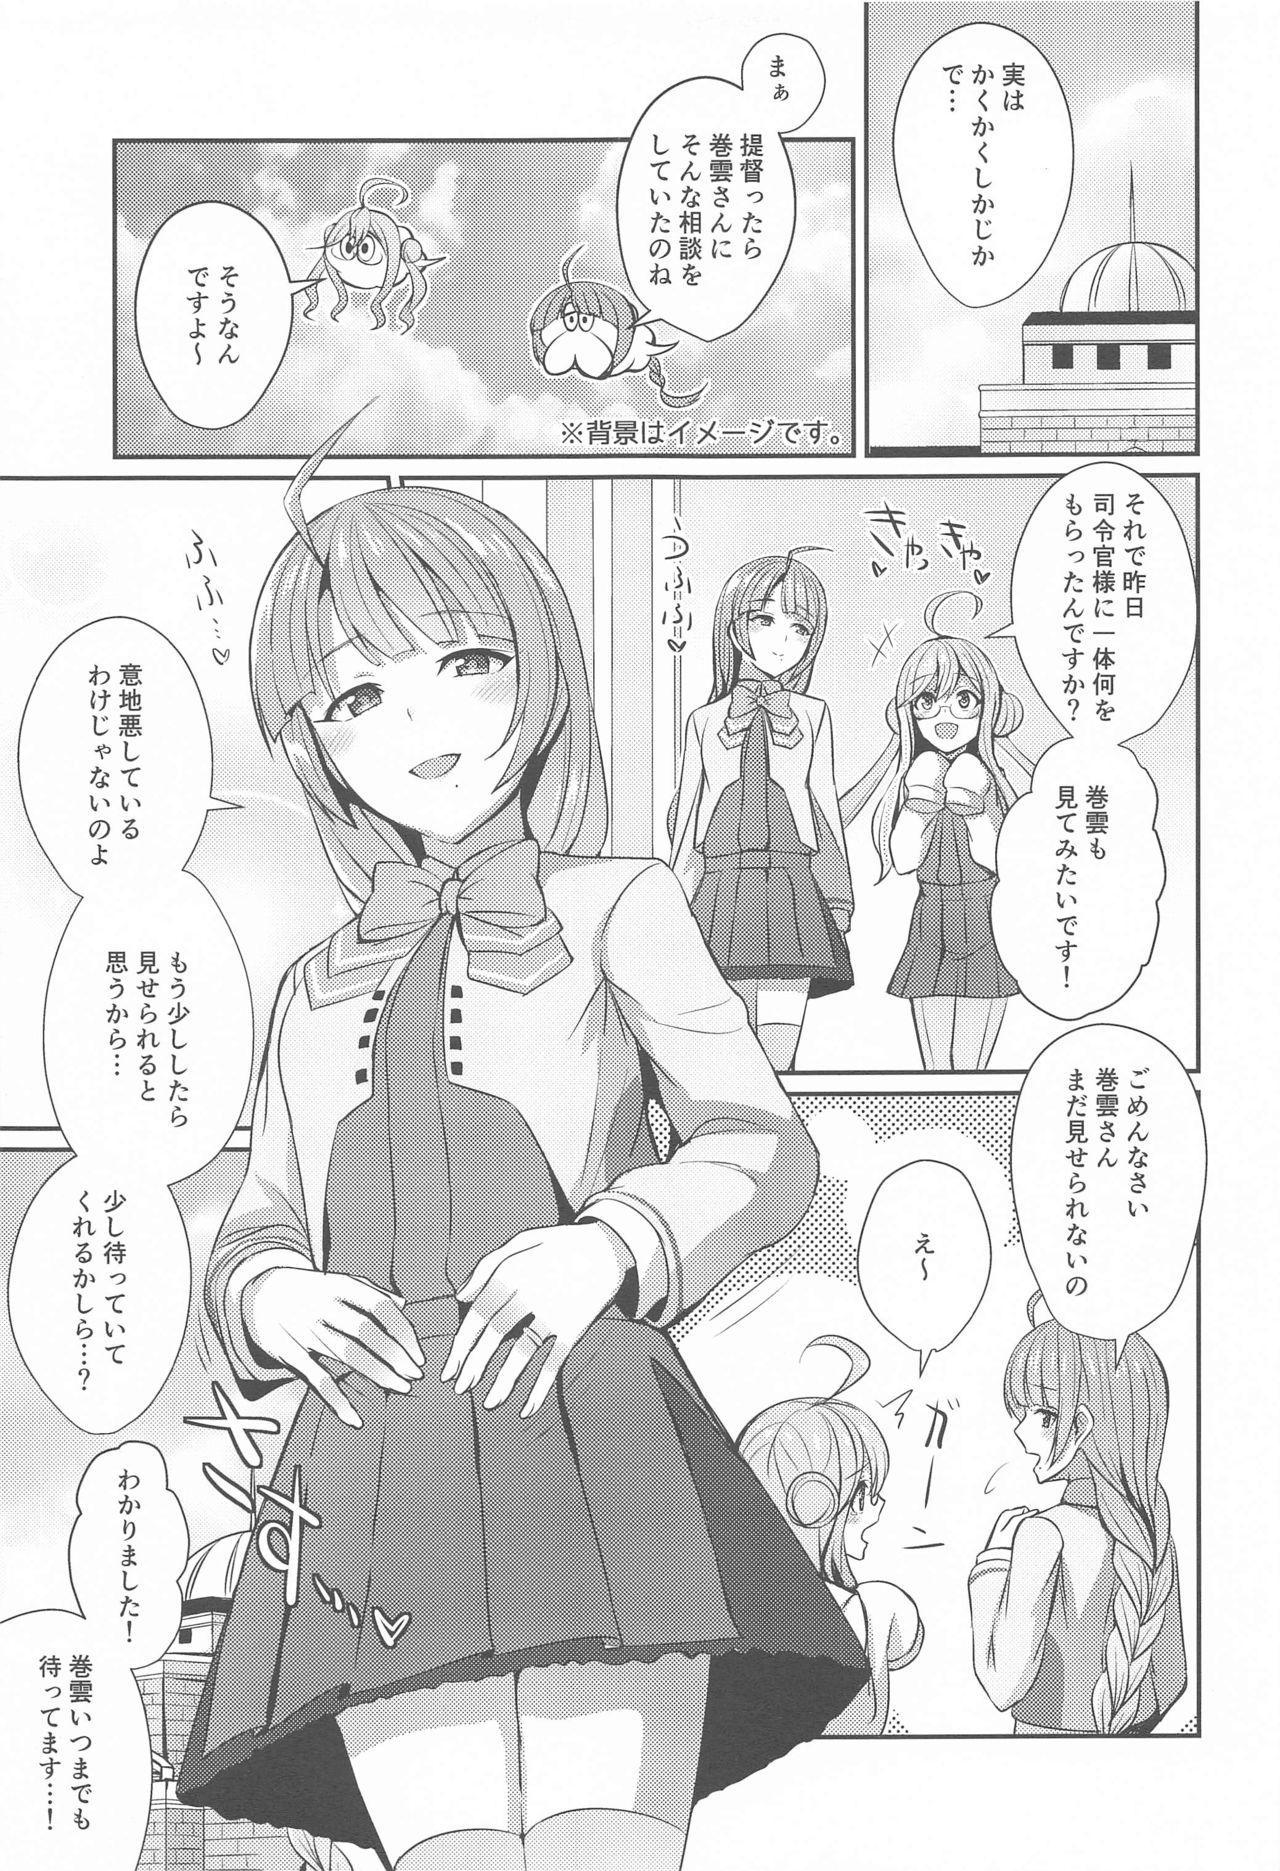 Yuugumo no Hoshii Mono 19